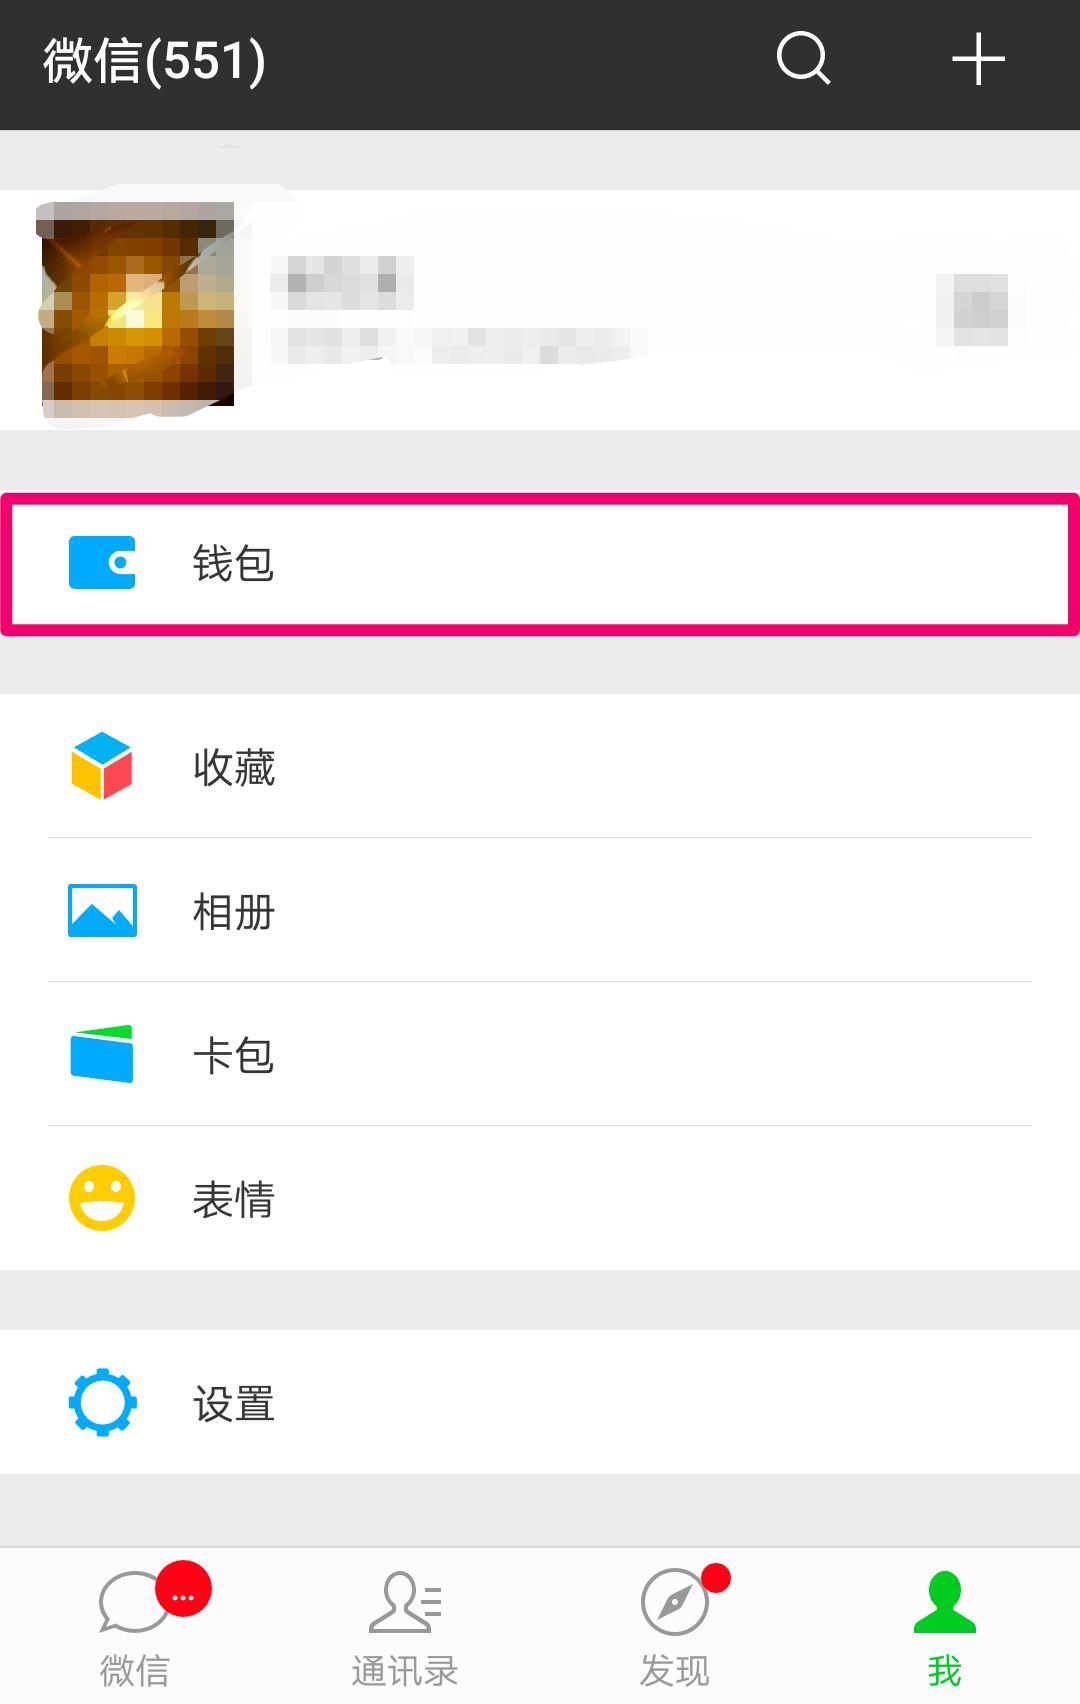 微信悄悄出新功能 网友:千万不能让女友知道小柳千春